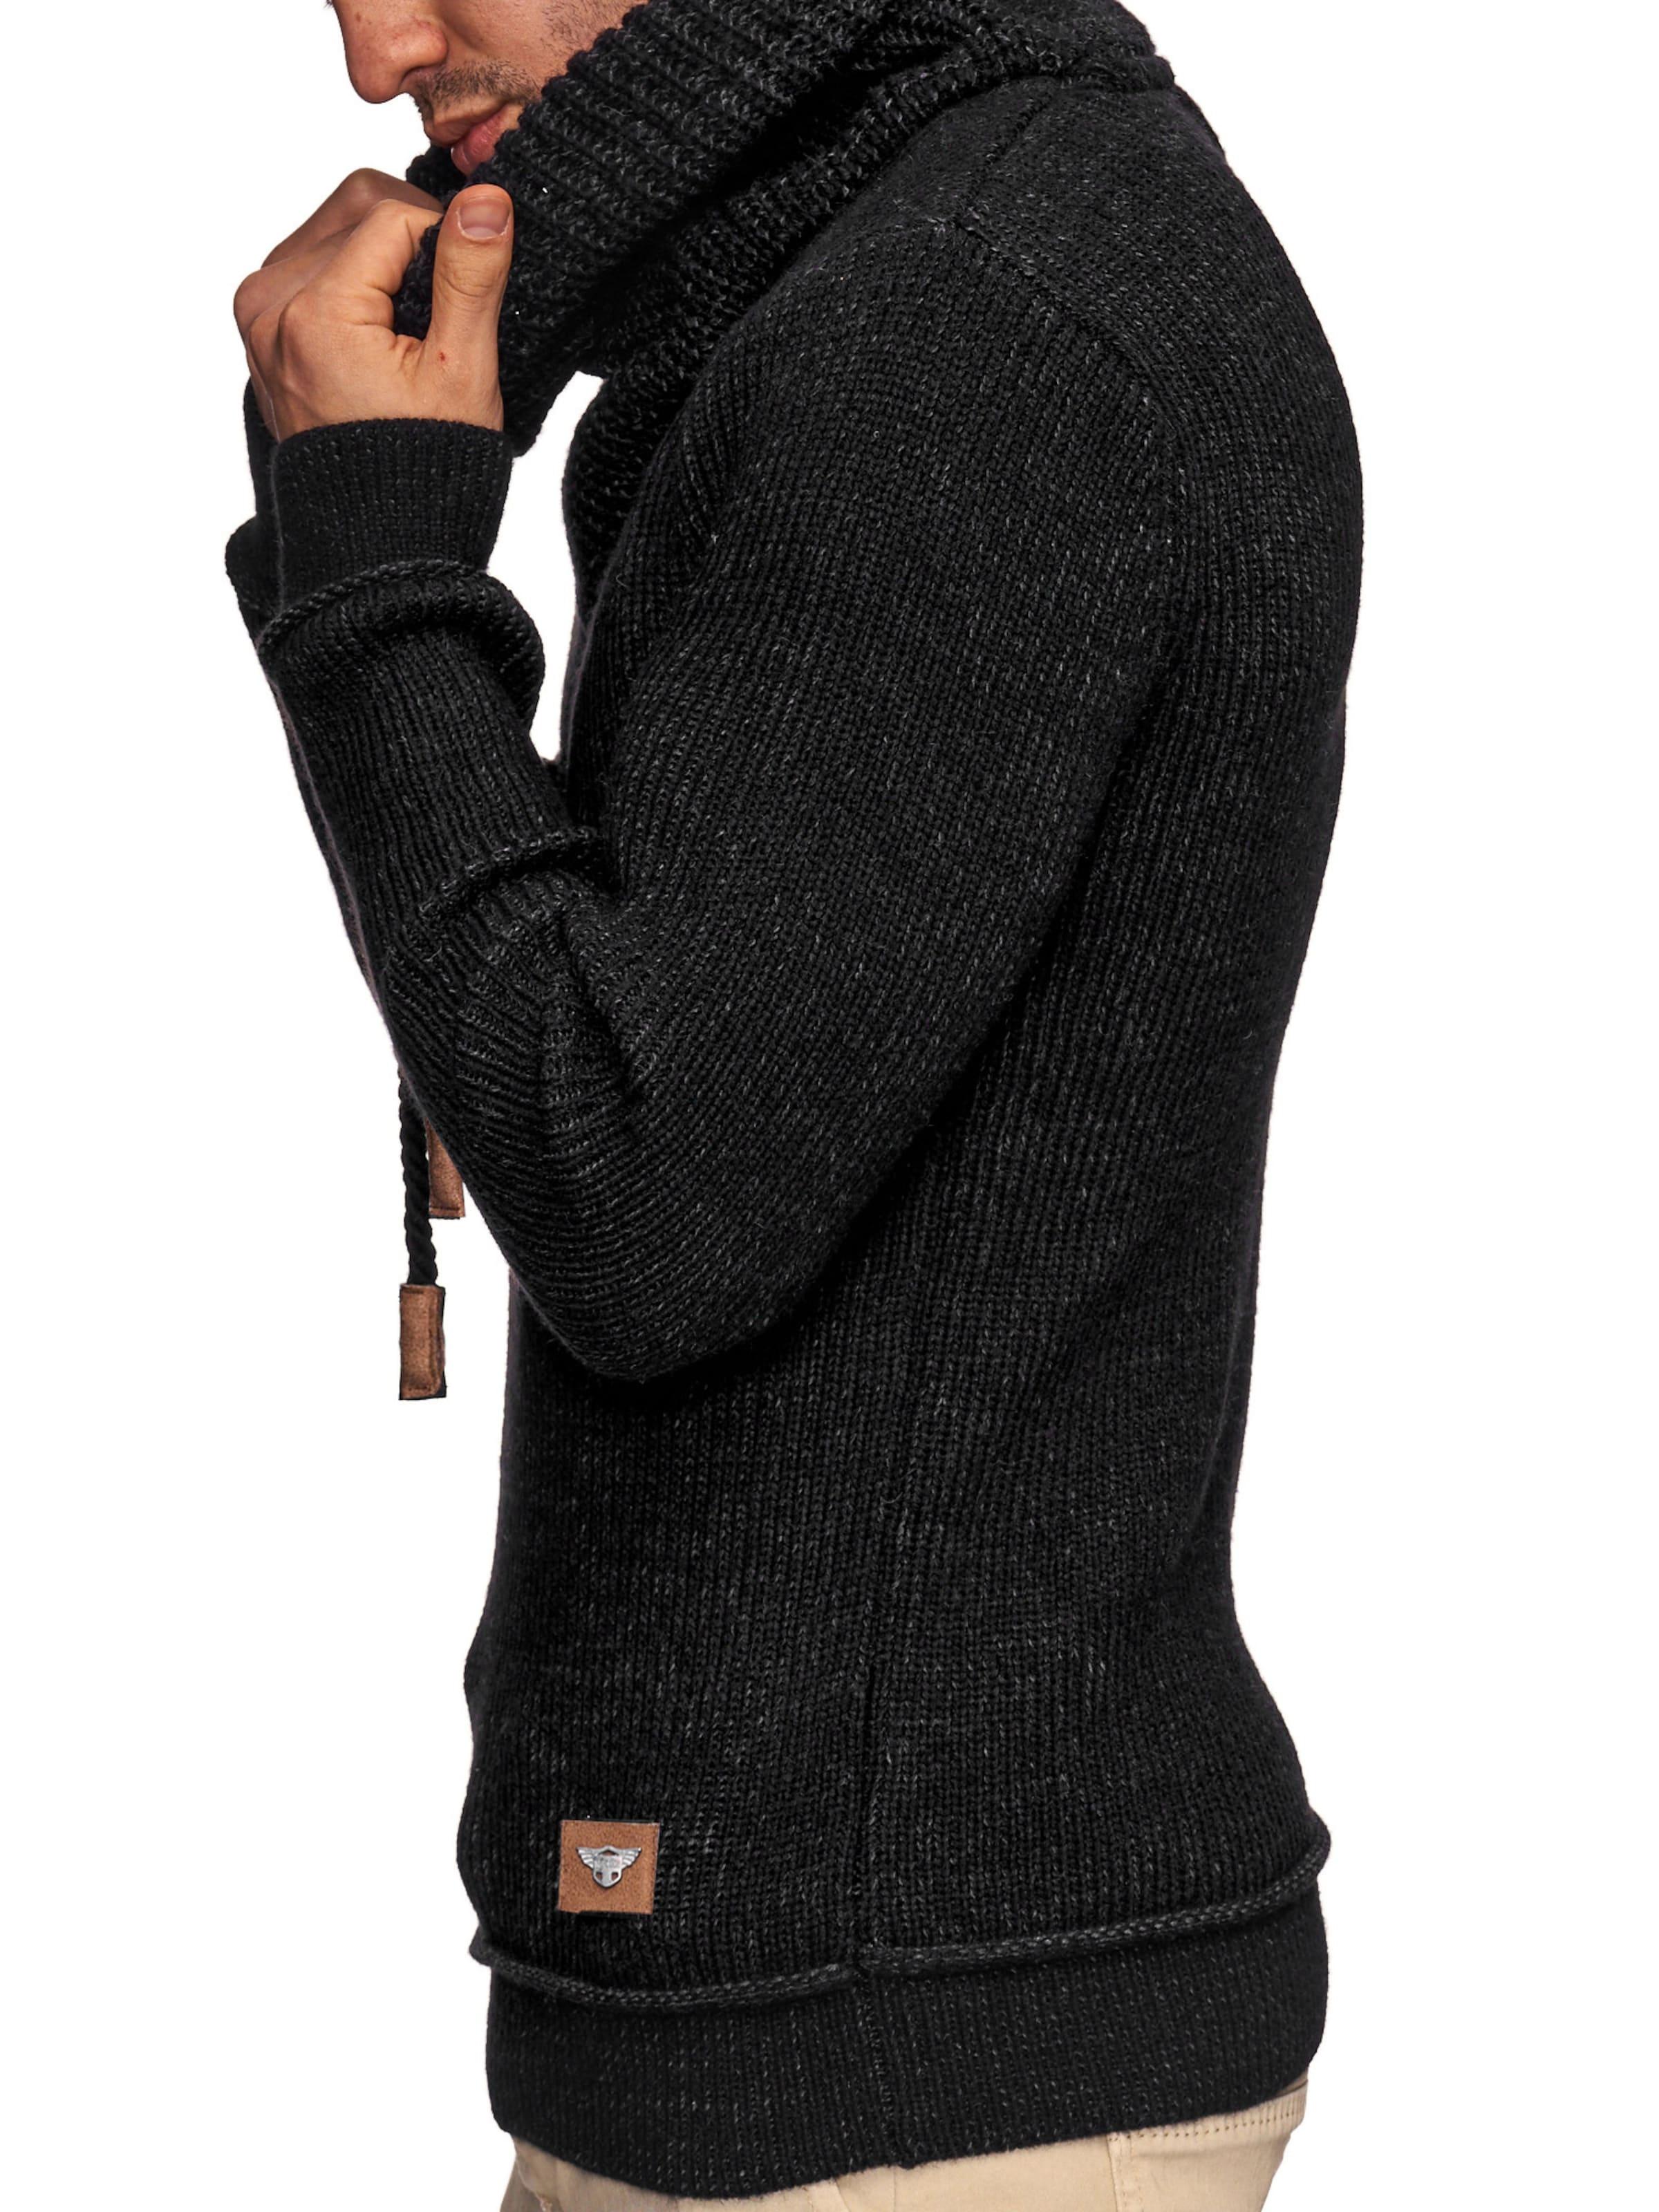 Jeans Indicode En over Noir 'keshawn' Pull zGMSqUpLV